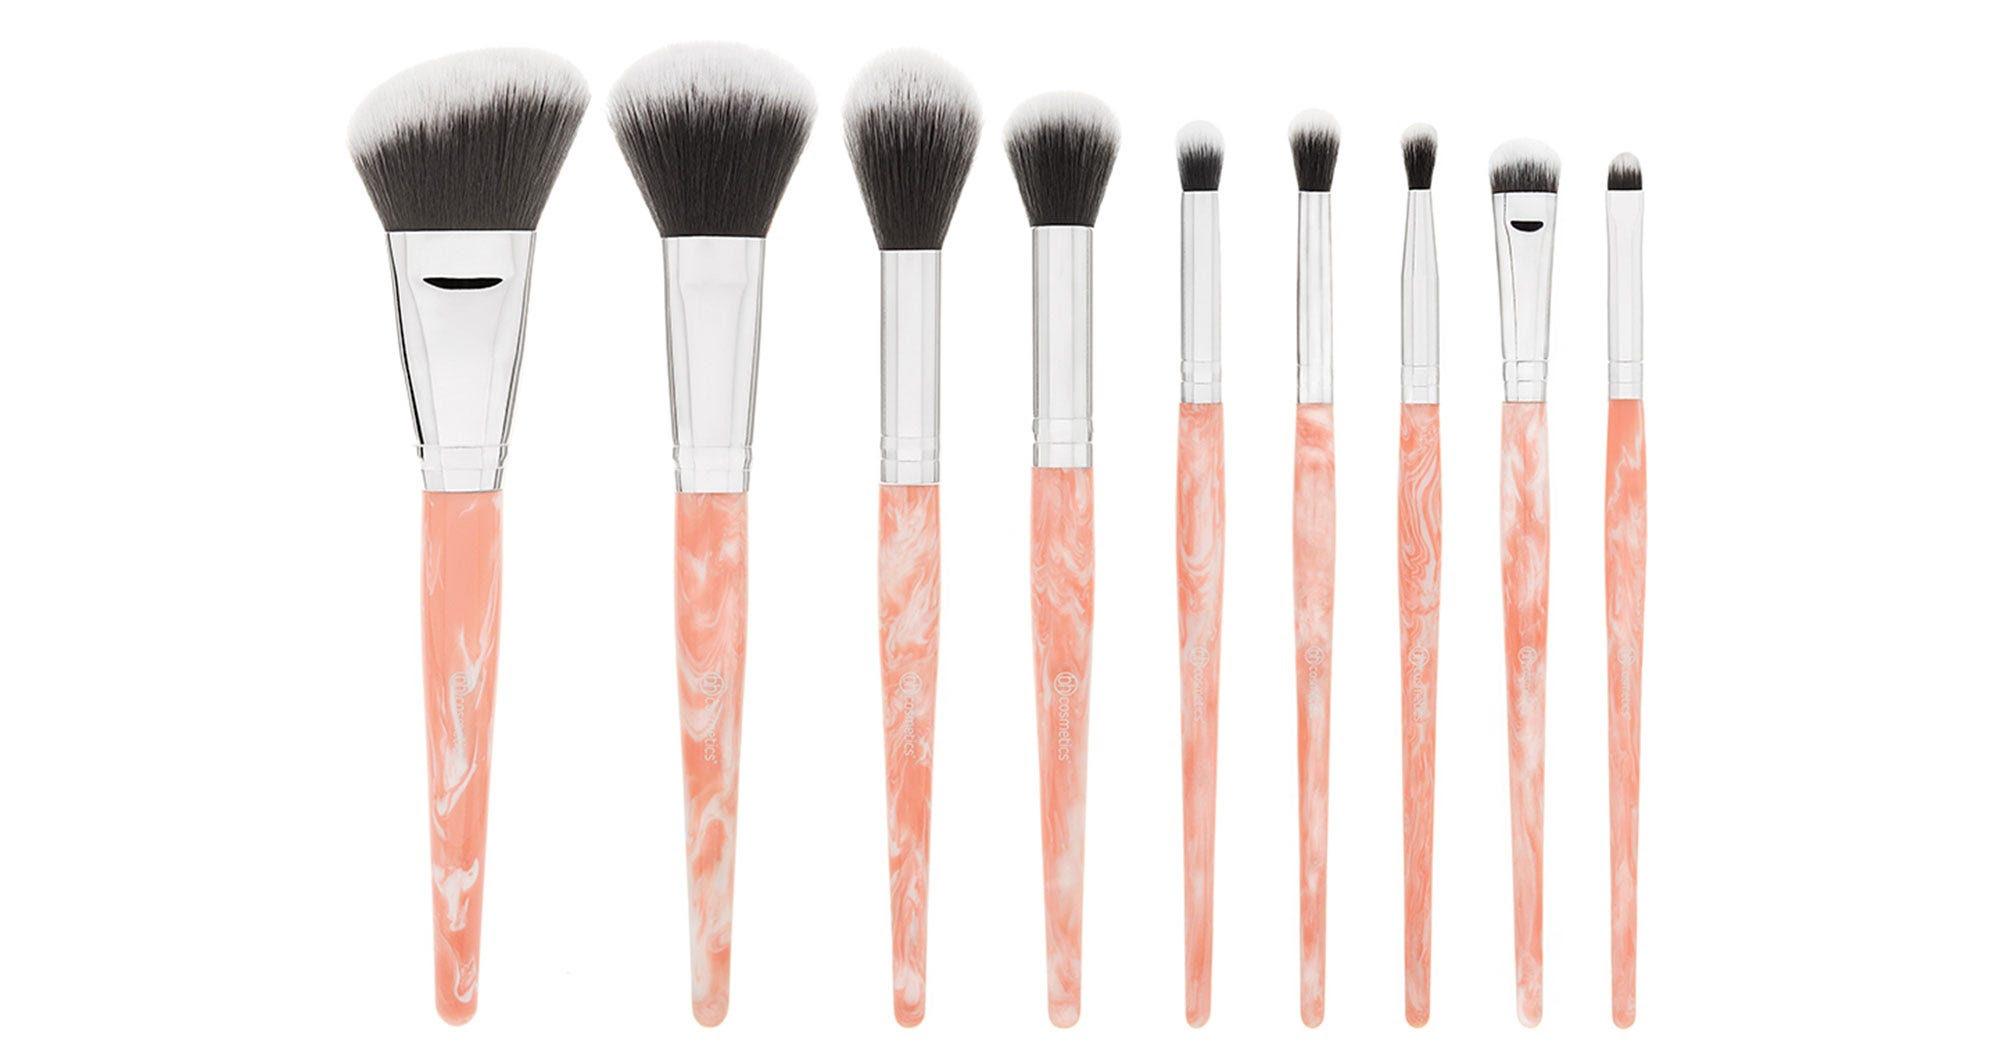 BH Cosmetics Pink Marble Set - Rose Quartz Brushes